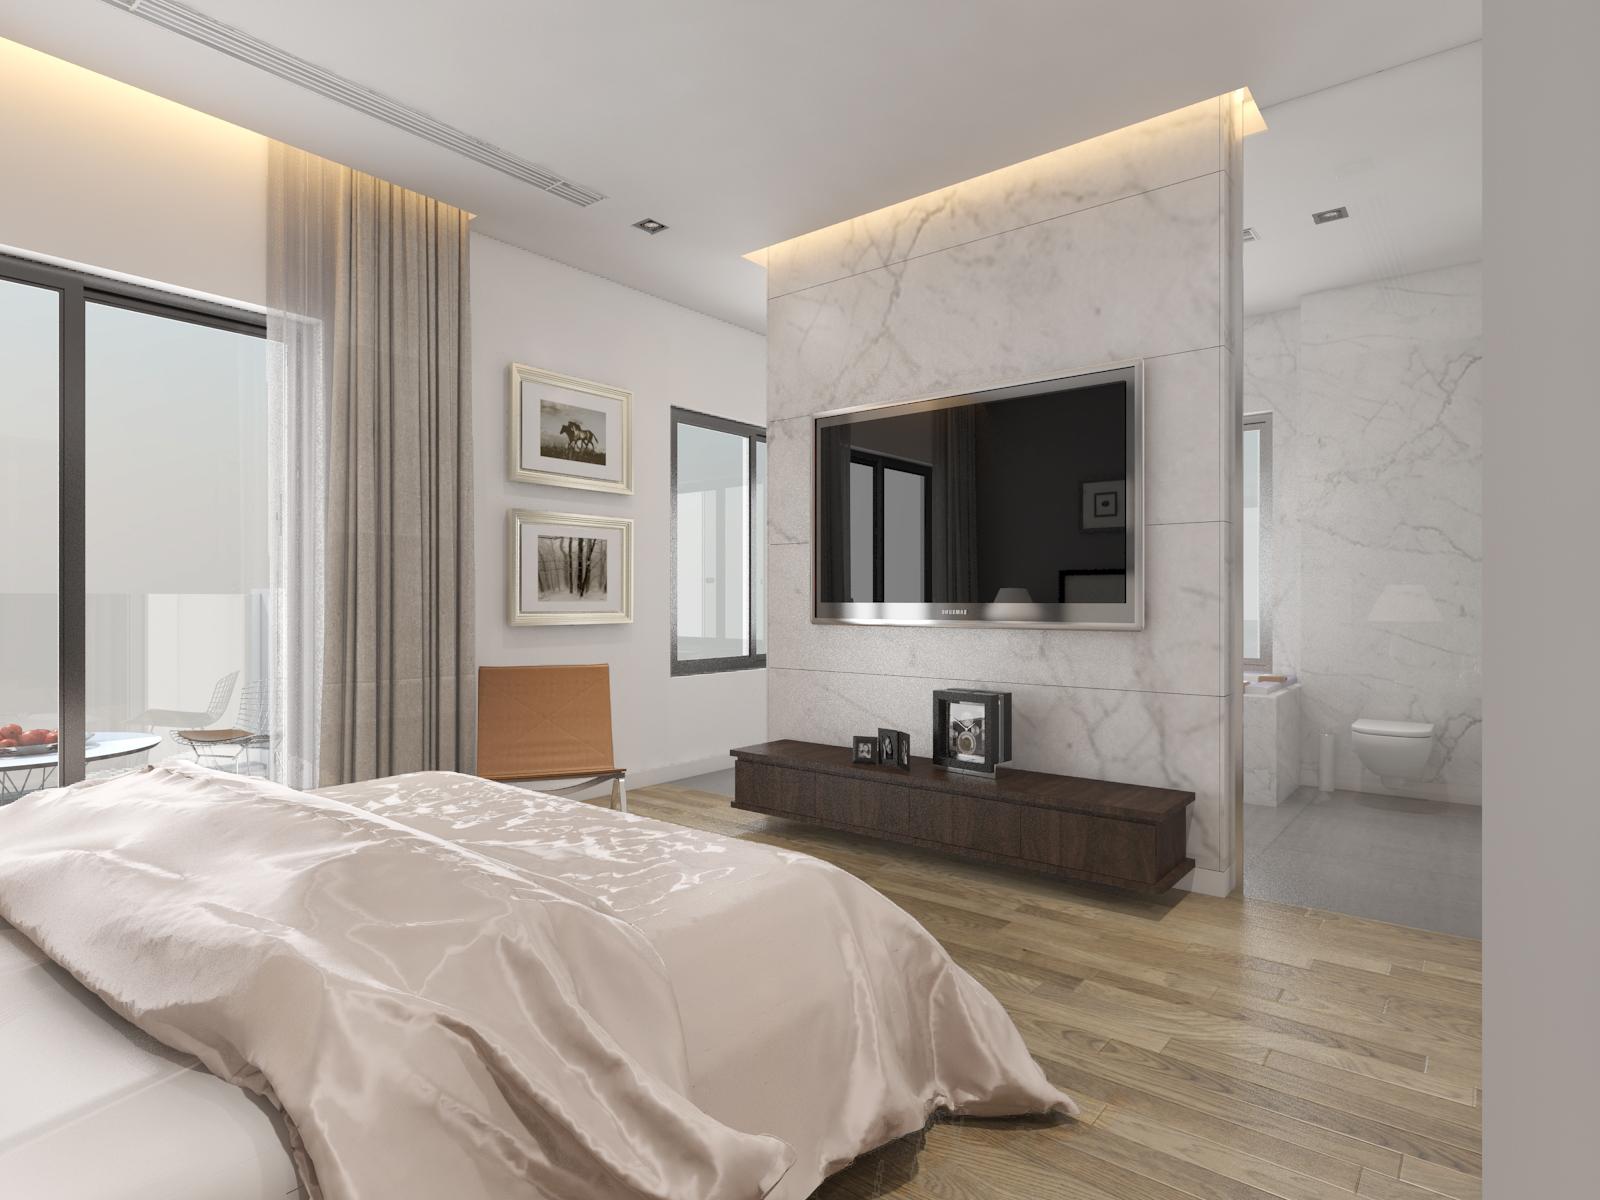 thiết kế nội thất Biệt Thự tại Hà Nội bt Vinhomes - riverside 27 1568085354